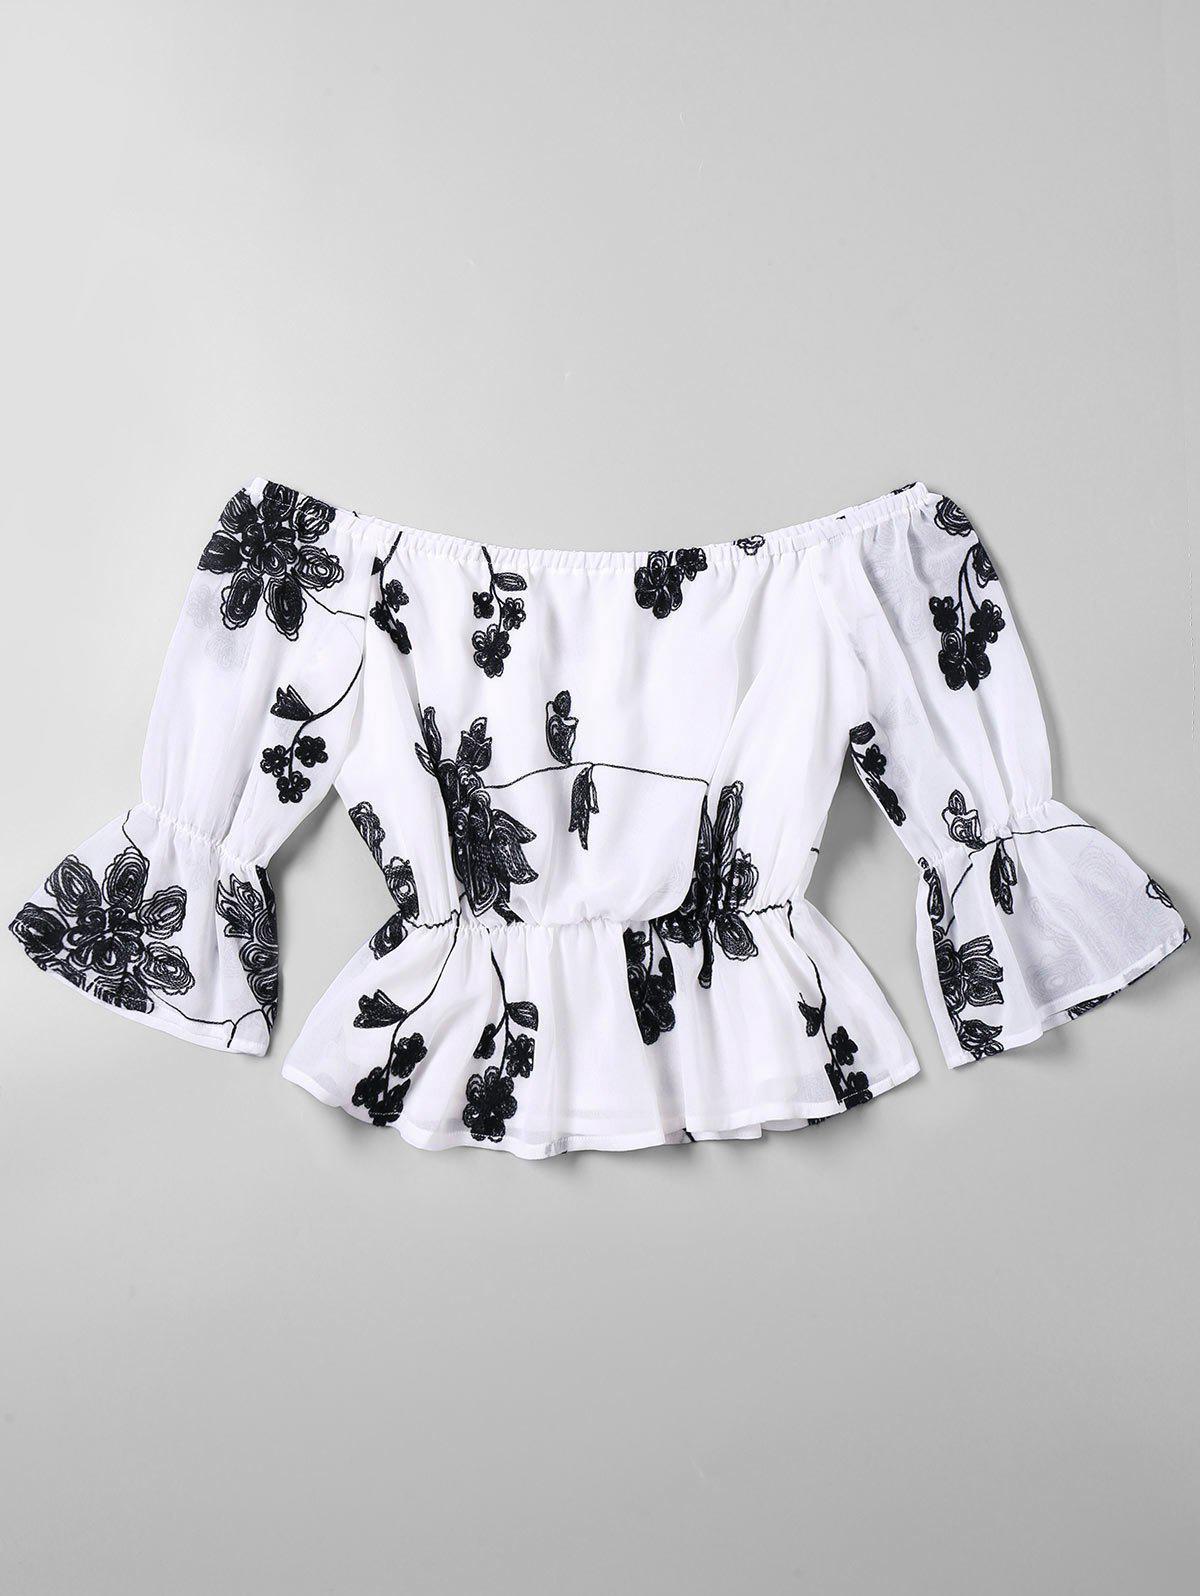 Flare Hlse aus der Schulter Floral gestickte Bluse